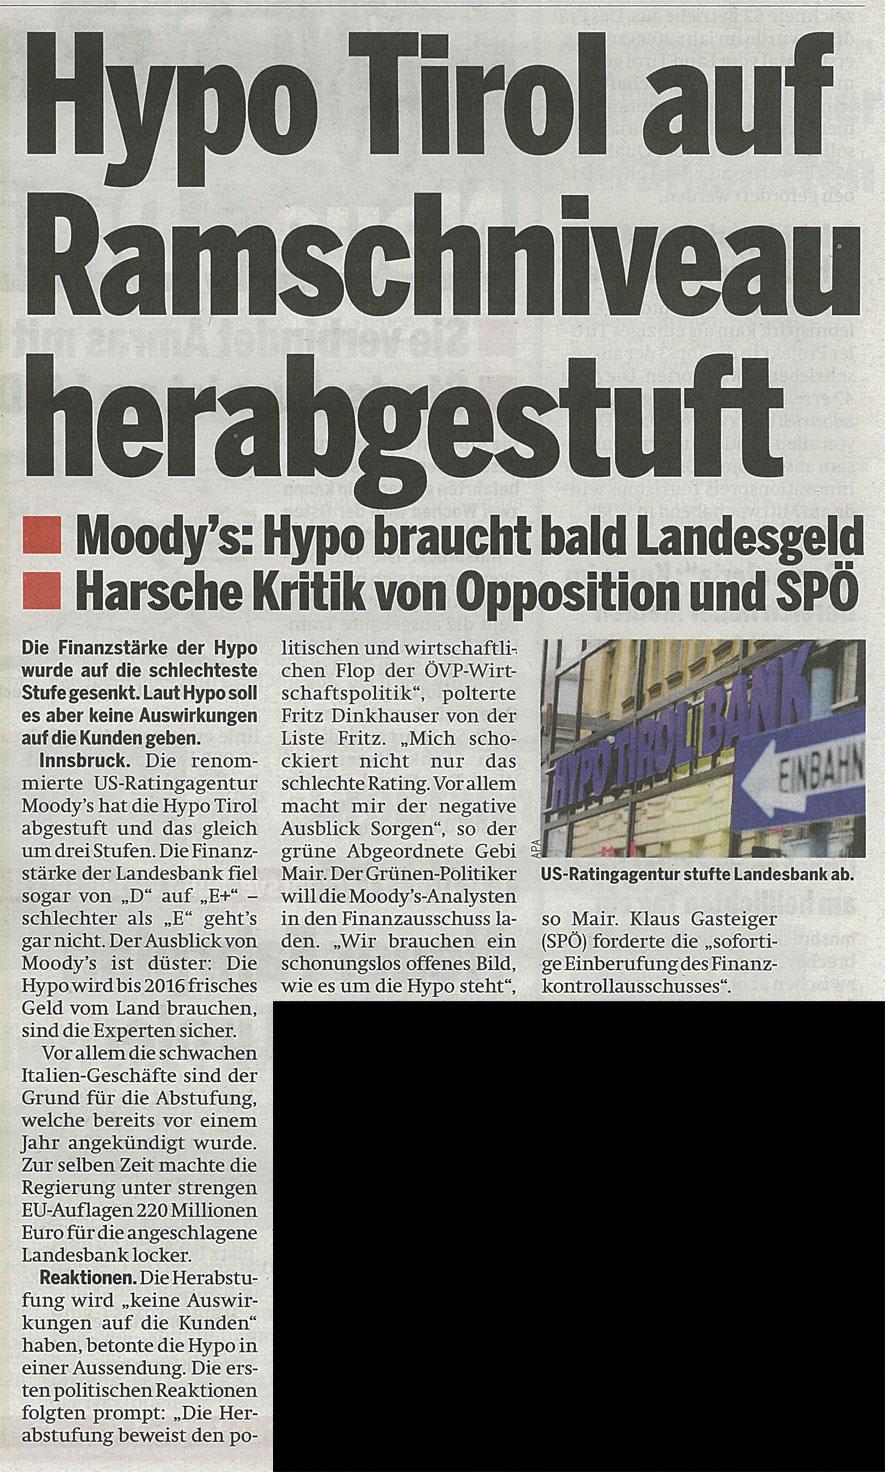 Bericht der Tageszeitung Österreich zur Hypo Tirol Bank